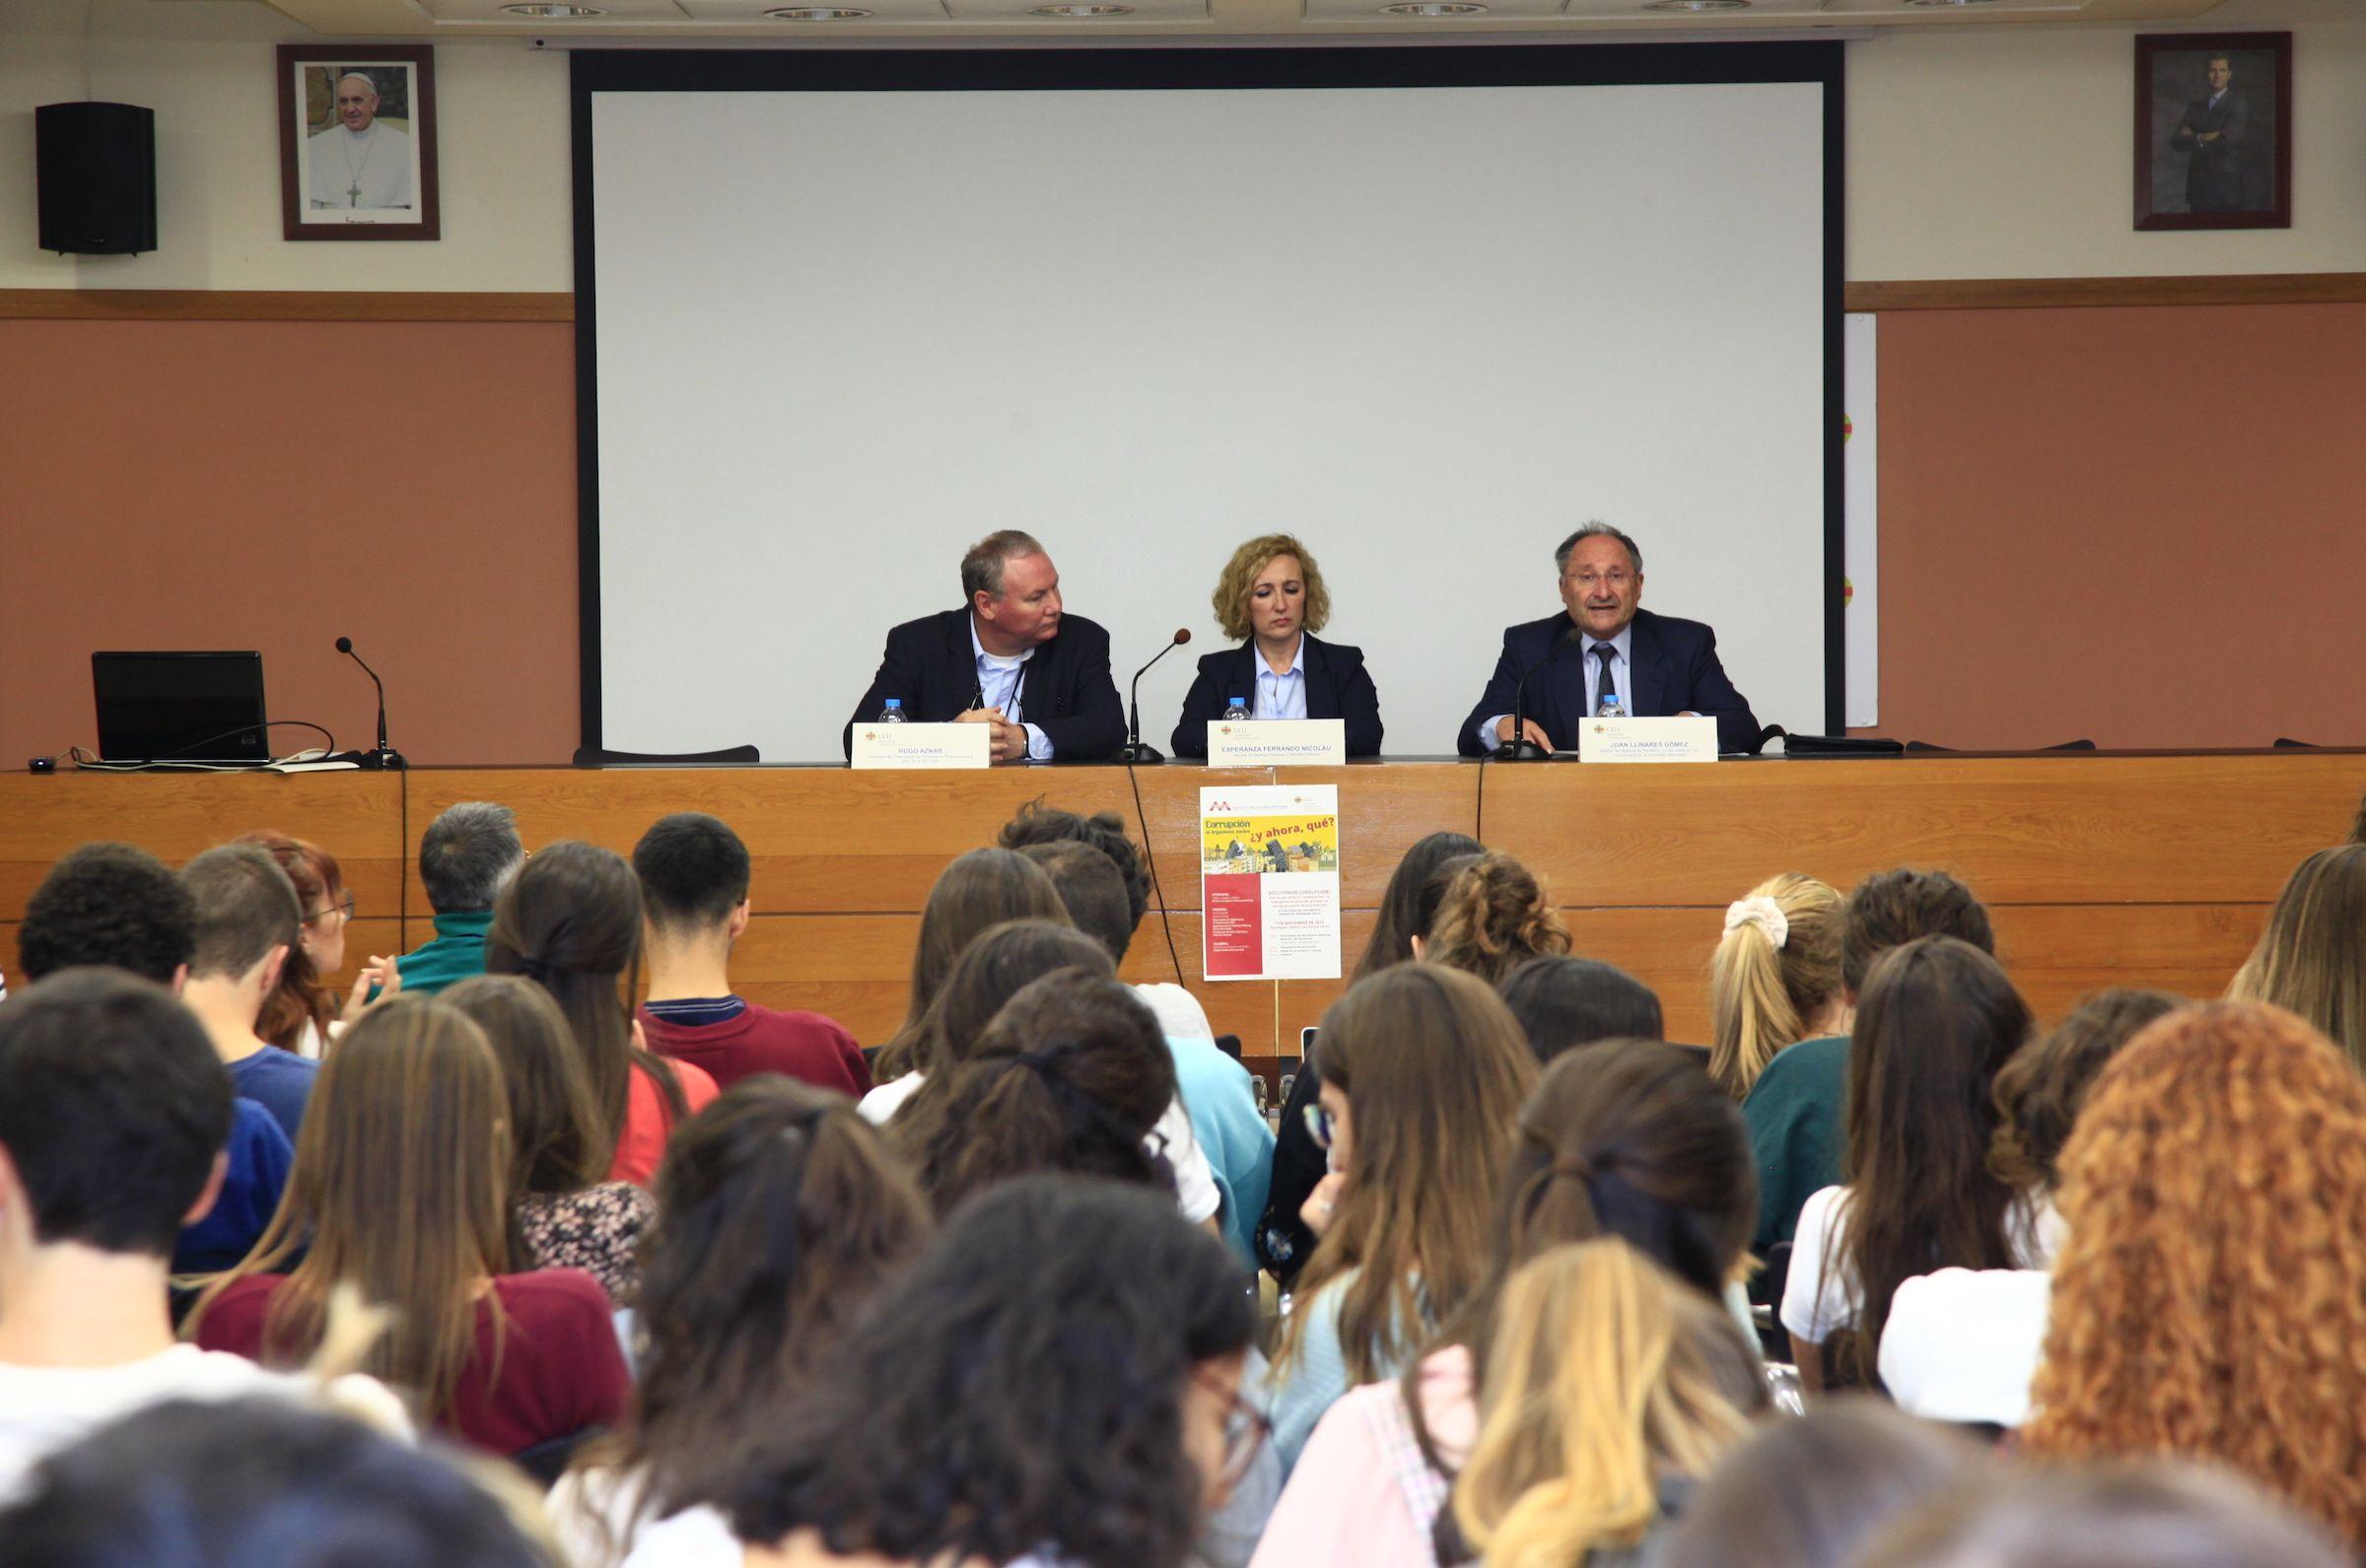 El codirector de Observatorio de Transparencia, Hugo Aznar, y la decana Esperanza Ferrando, con el director de la Agència Valenciana Antifrau, Joan Llinares.